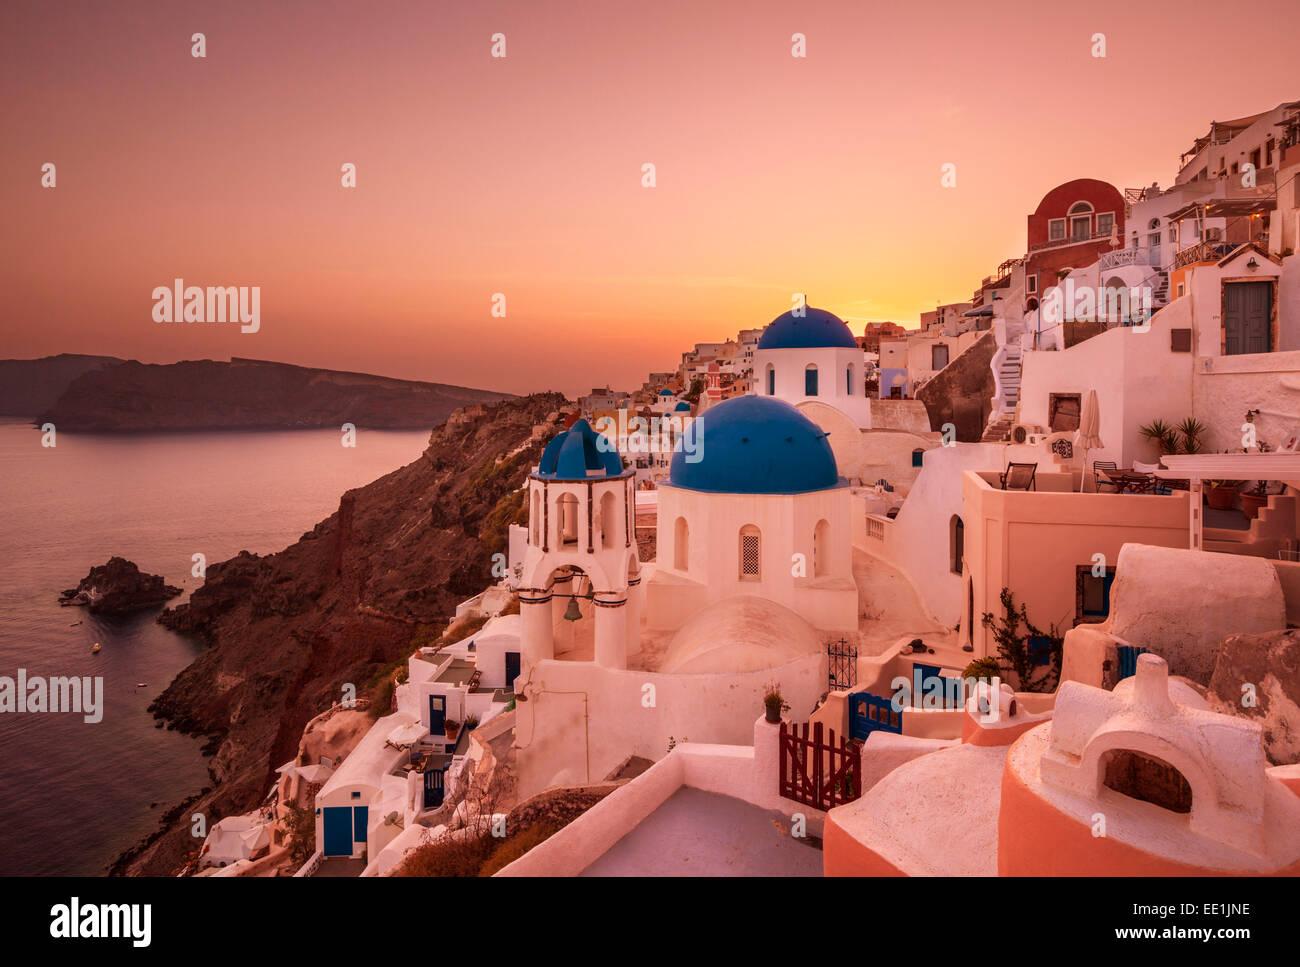 Eglise grecque avec trois coupoles bleues au coucher du soleil, Oia, Santorin (thira), îles Cyclades, îles Photo Stock